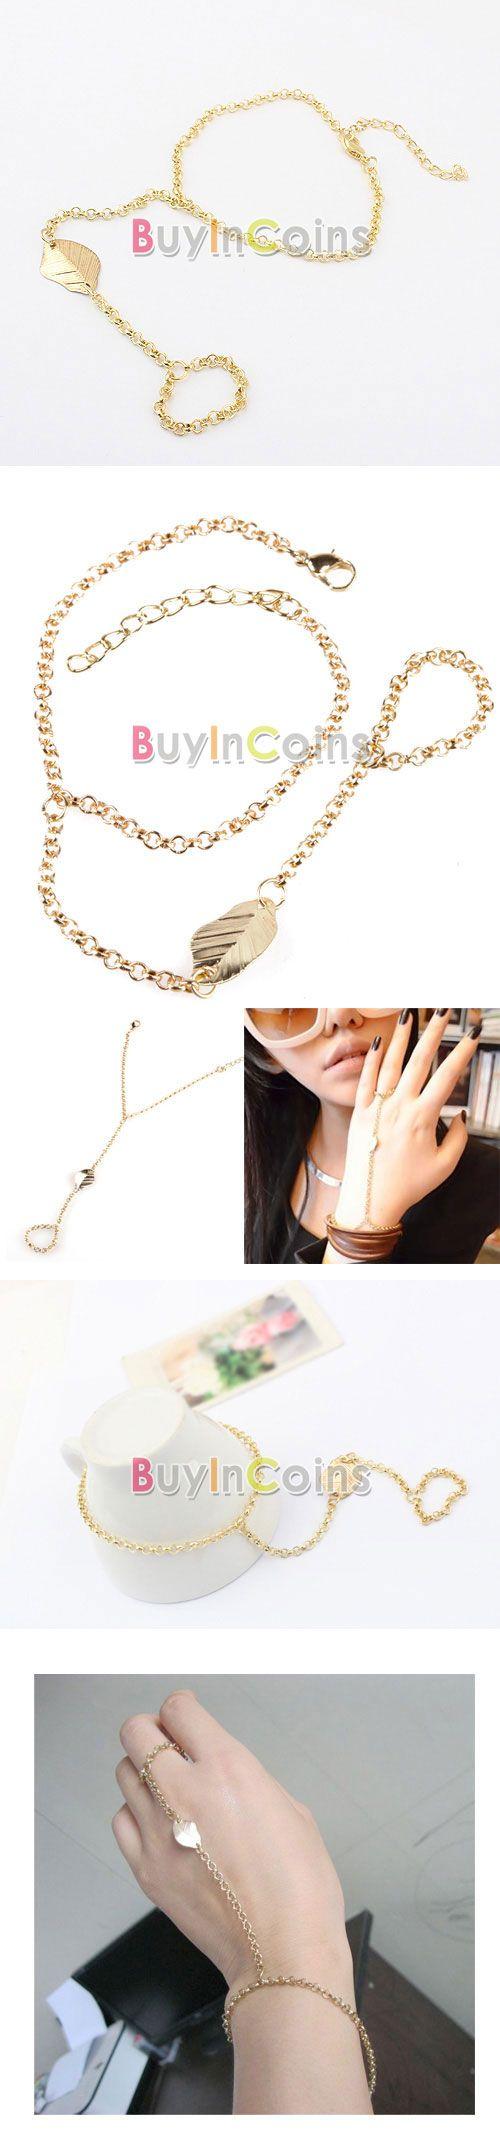 Модное ретро классическое крутое панк кольцо-браслет Лист -- BuyinCoins.com